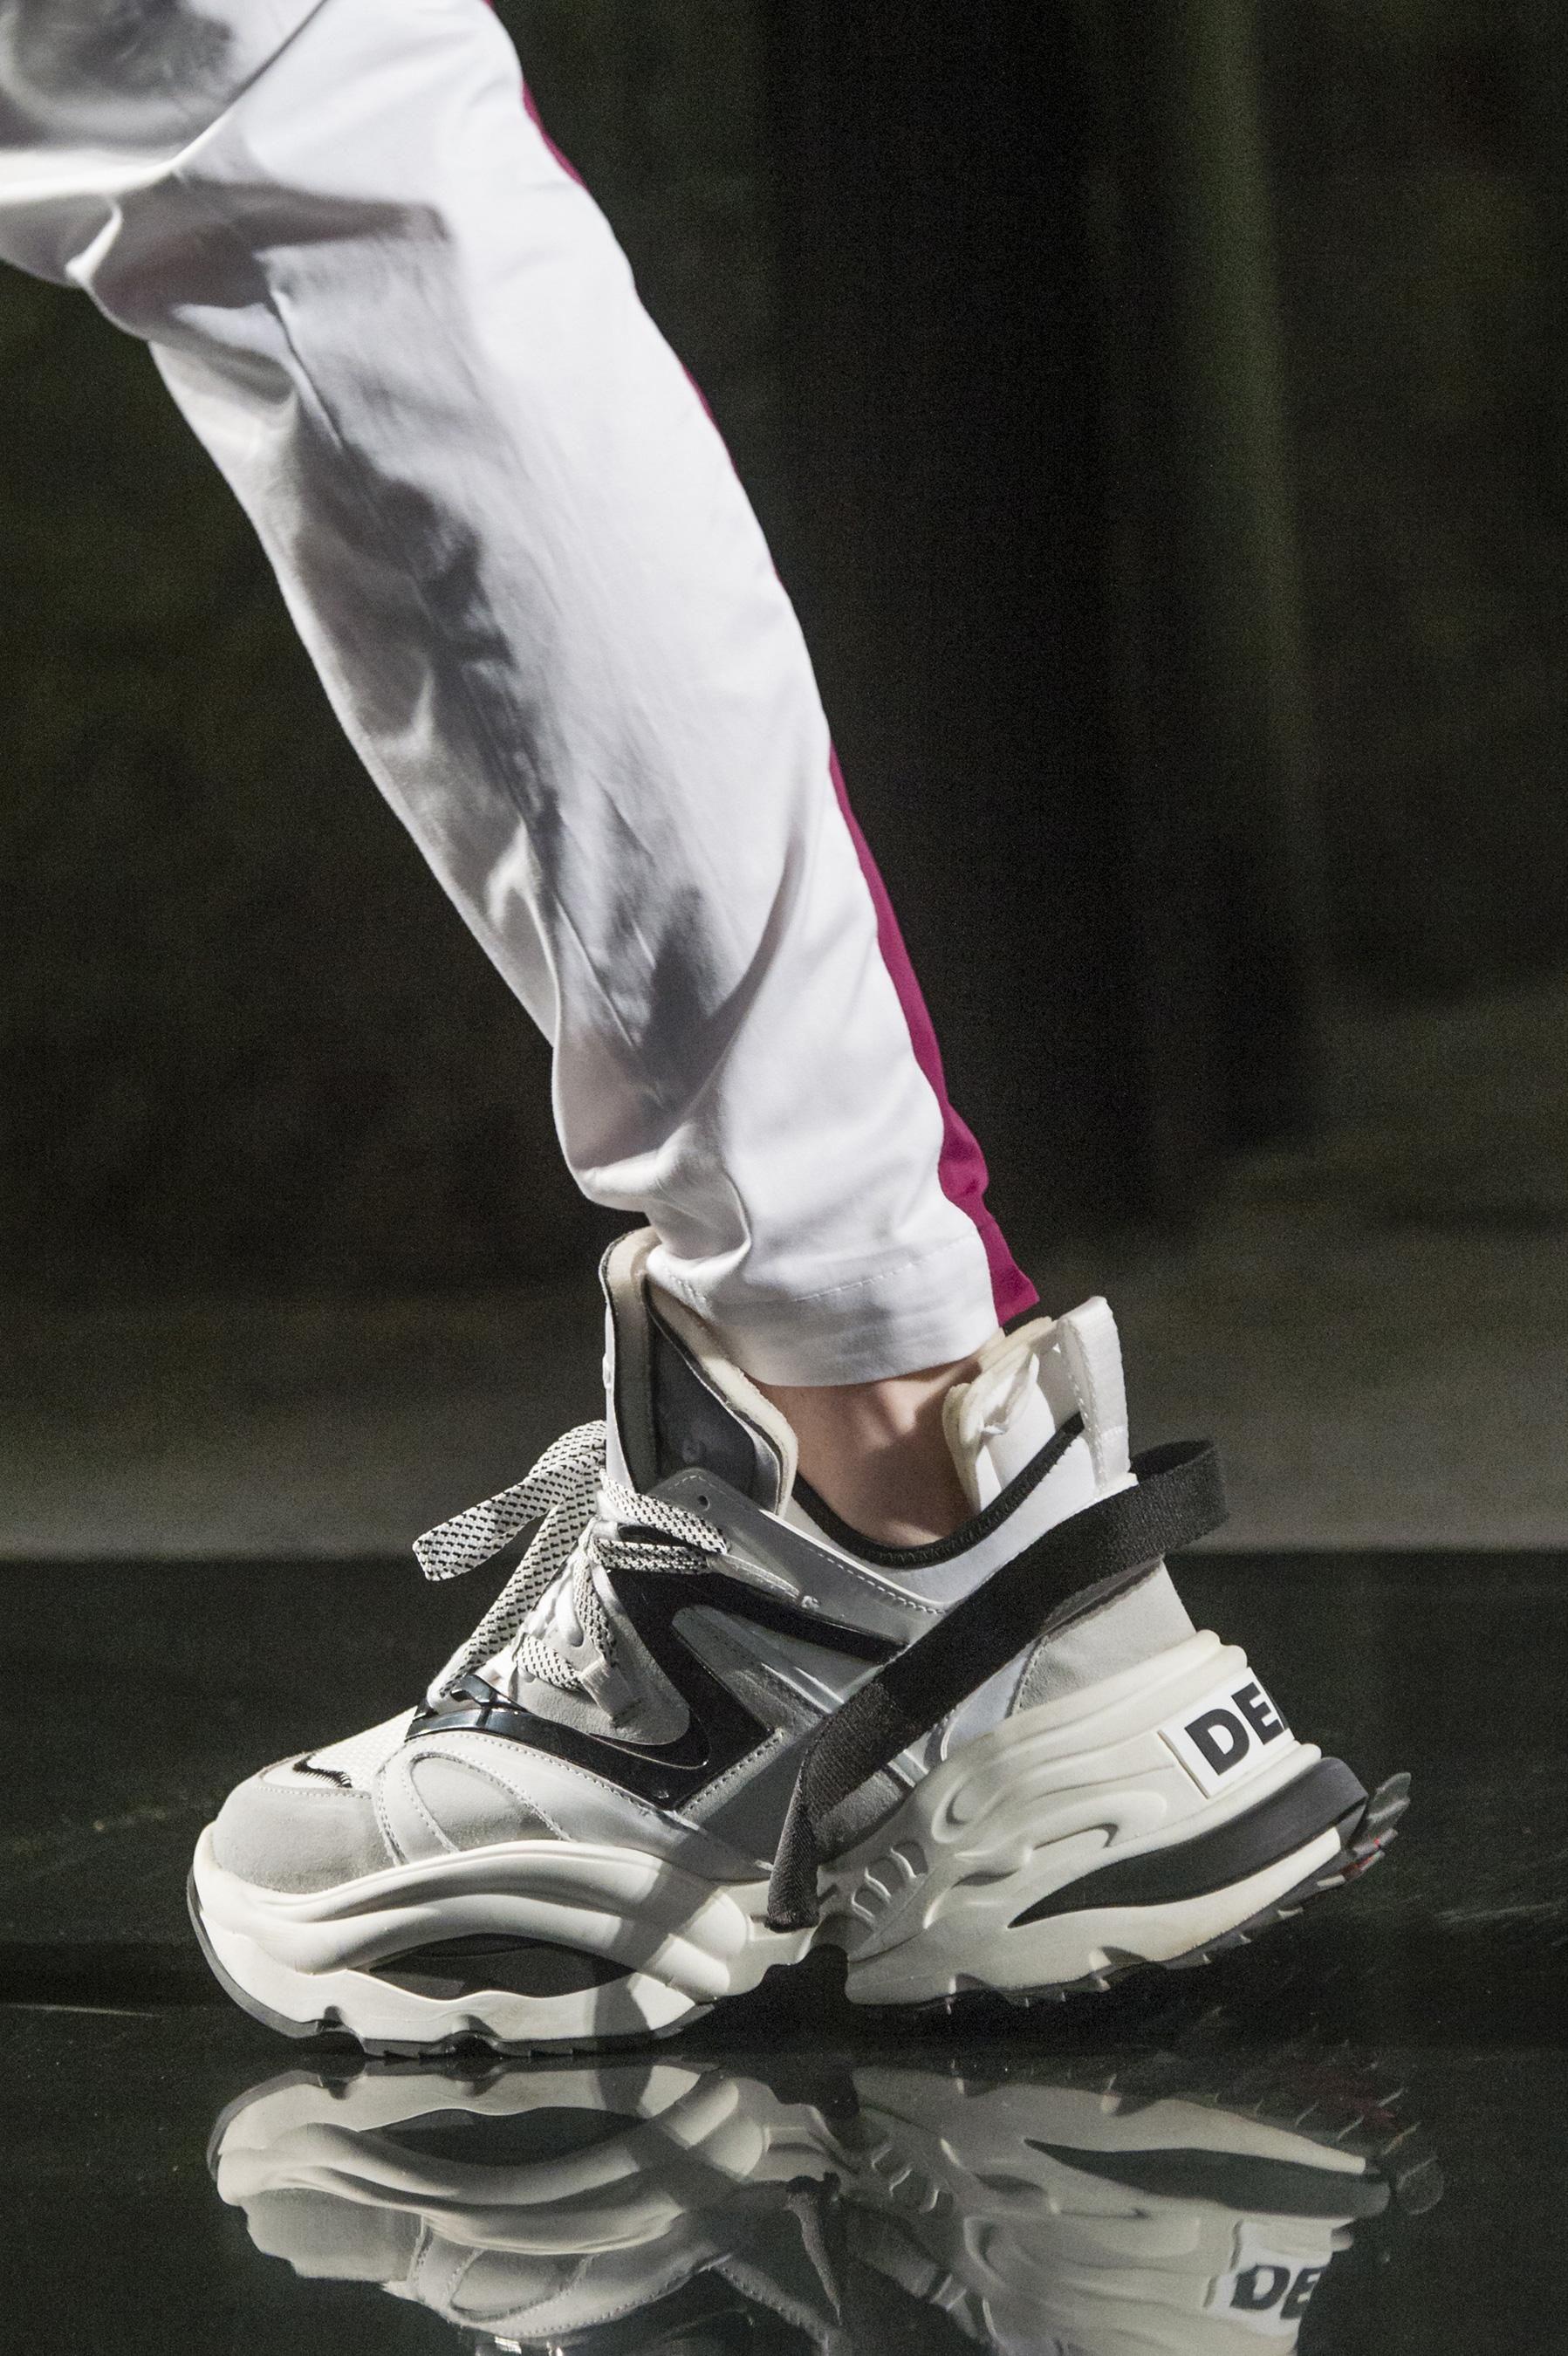 b0ce16fc2485 Défilé Dsquared2 printemps-été 2019 Homme   Sneakers   Shoes ...